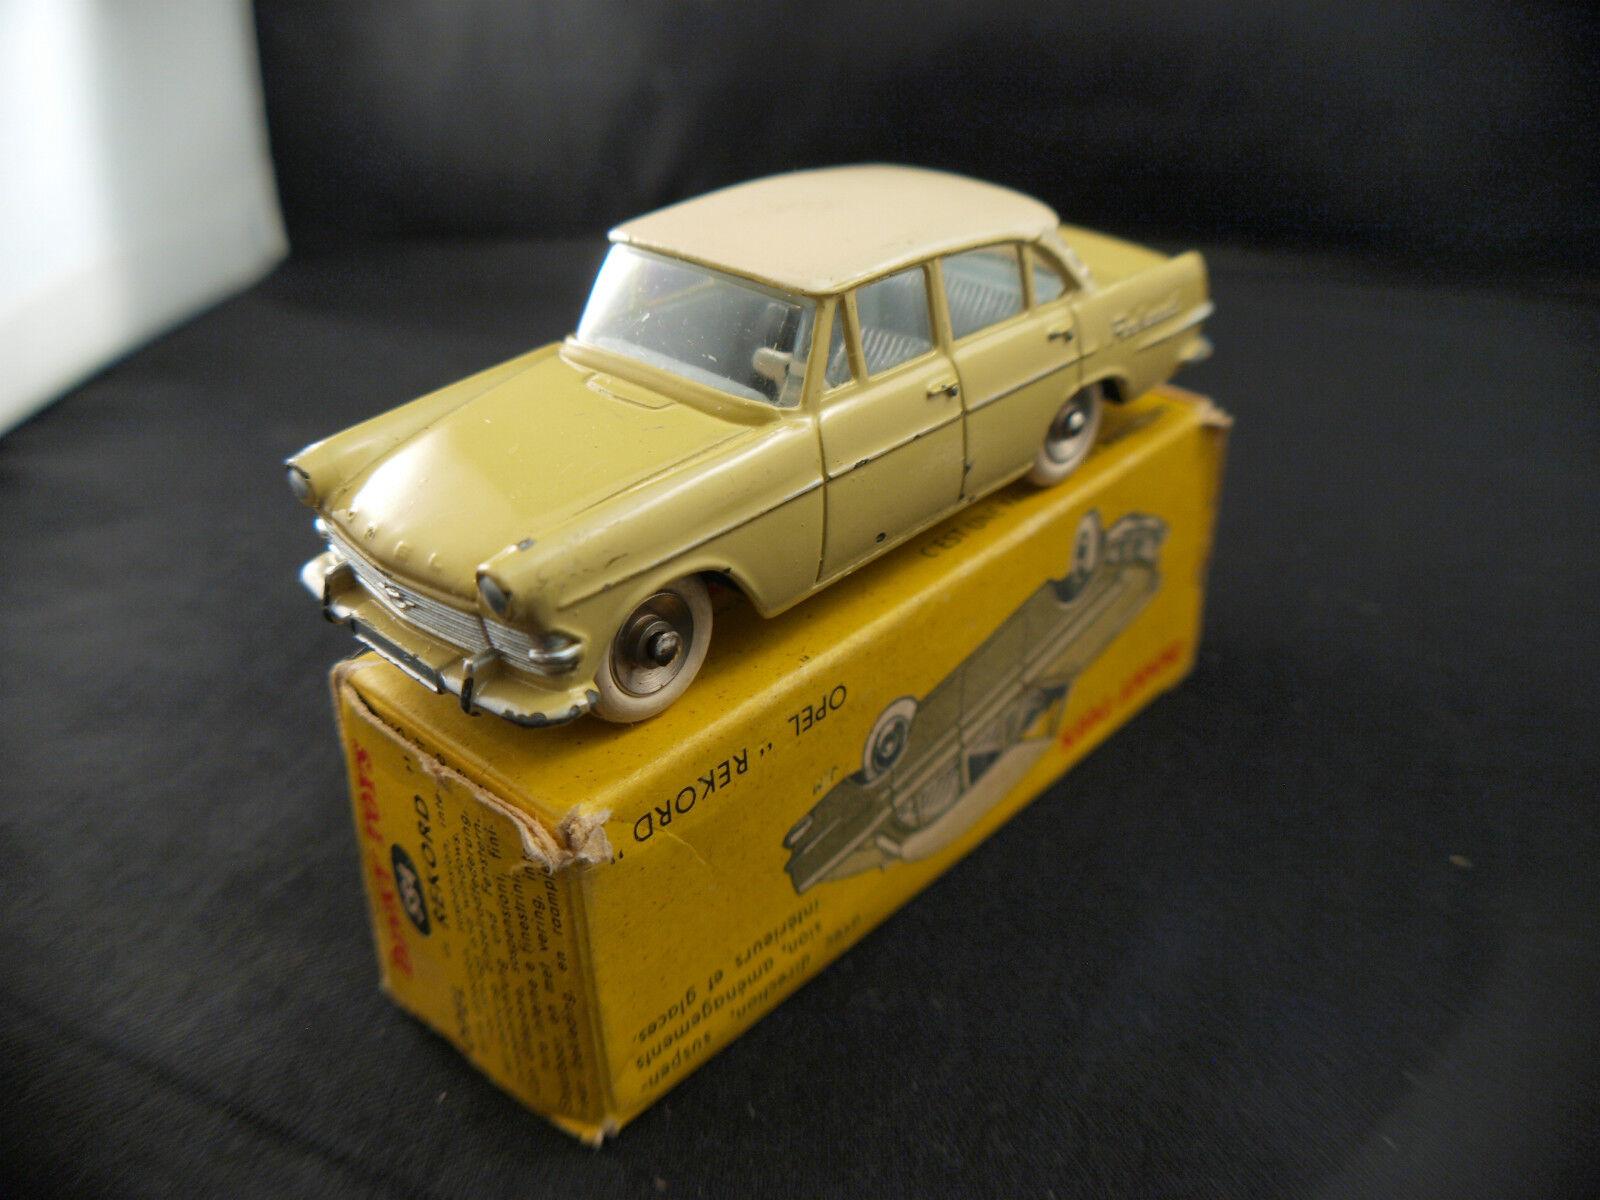 Dinky Juguetes F n° 554 Opel Rekord en boite